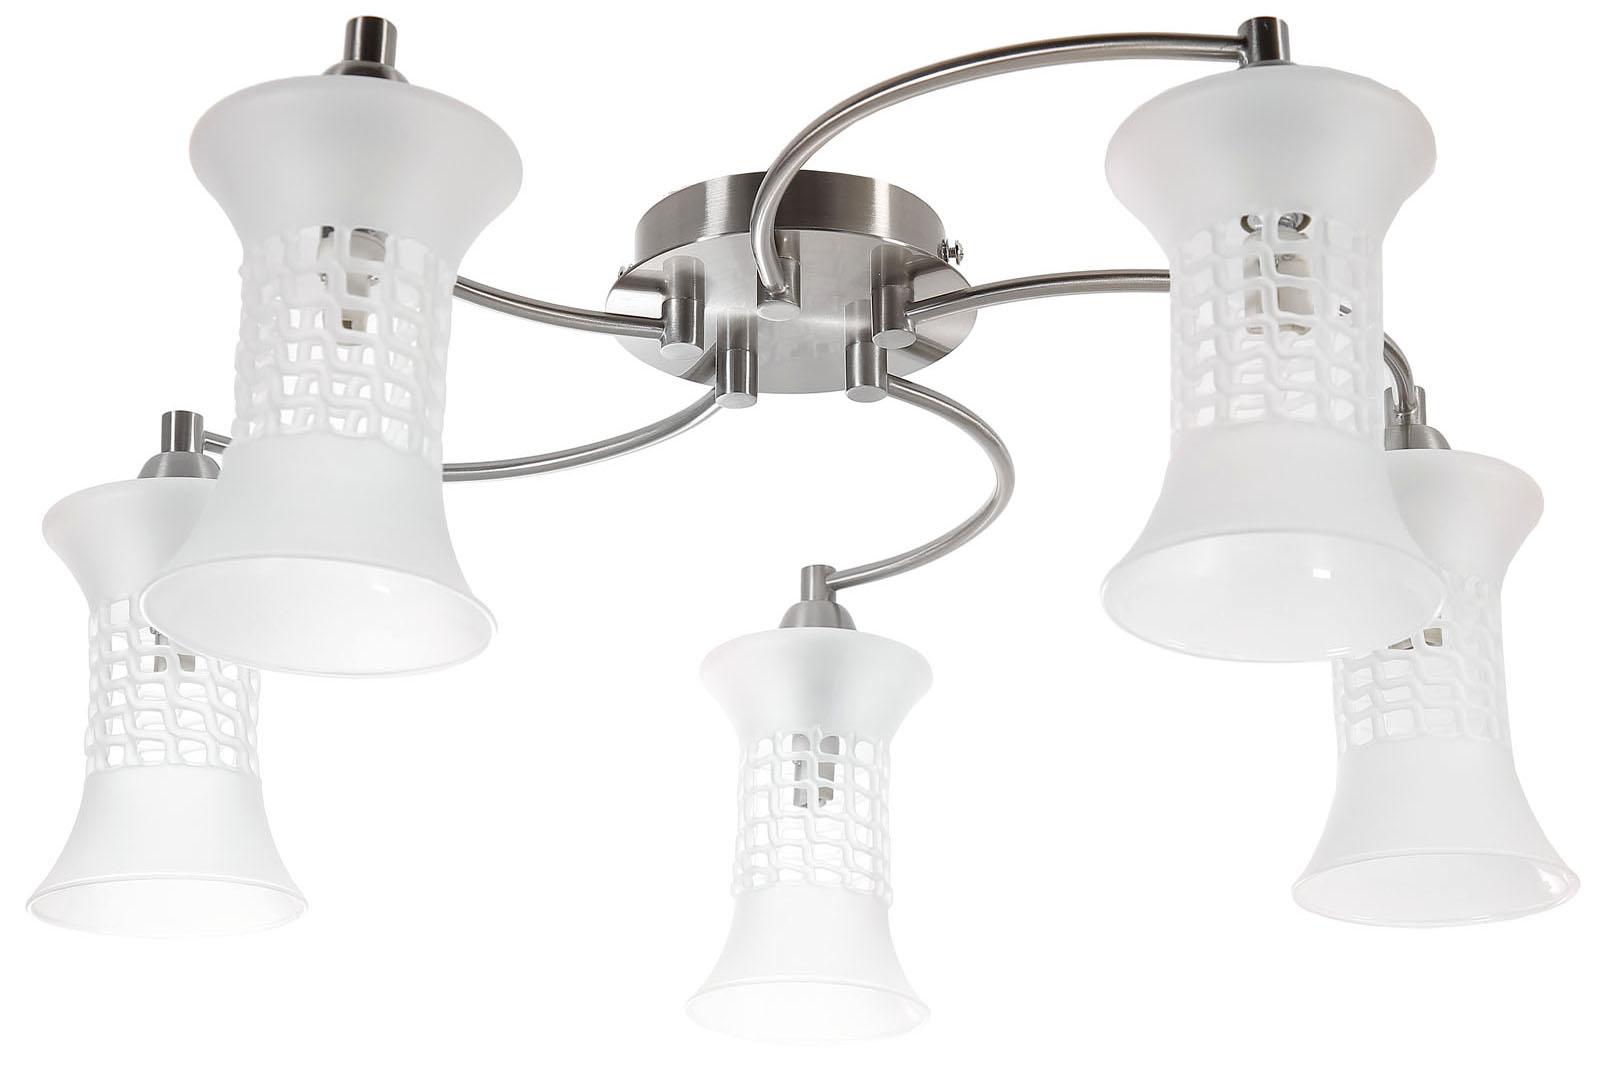 Люстра Odeon light Light 2516/5c потолочный светильник odeon light lotte 2751 5c